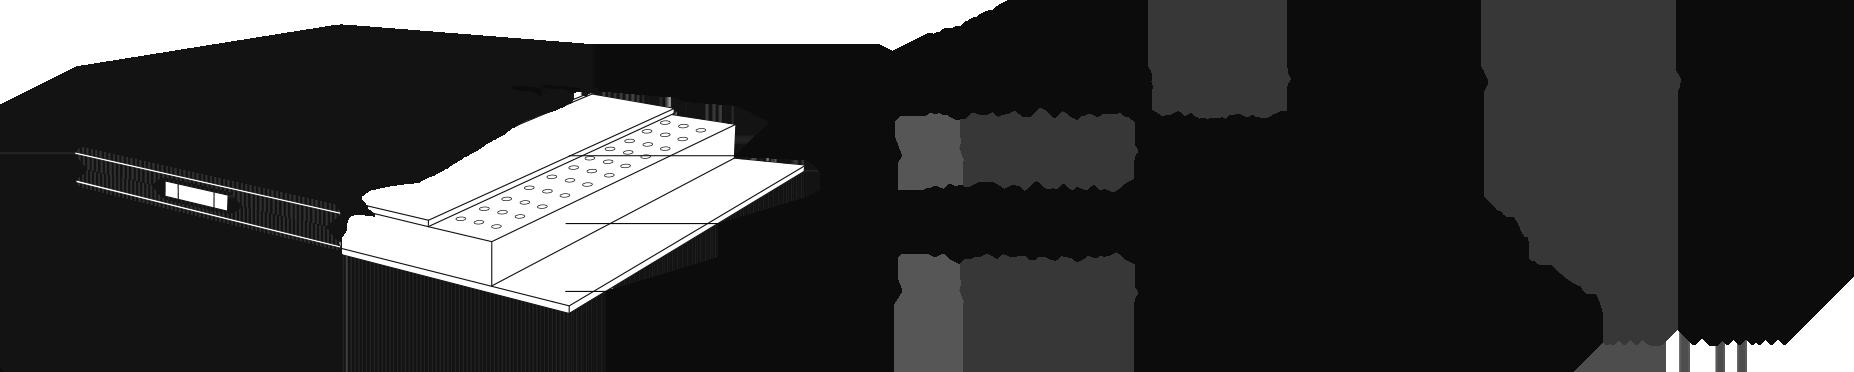 Composition : mousse BFOAM 35 kg / m3 (3 cm d'épaisseur), 100% latex 62 kg / m3 (12 cm d'épaisseur) et mousse BFOAM 35 kg / m3 (3 cm d'épaisseur)